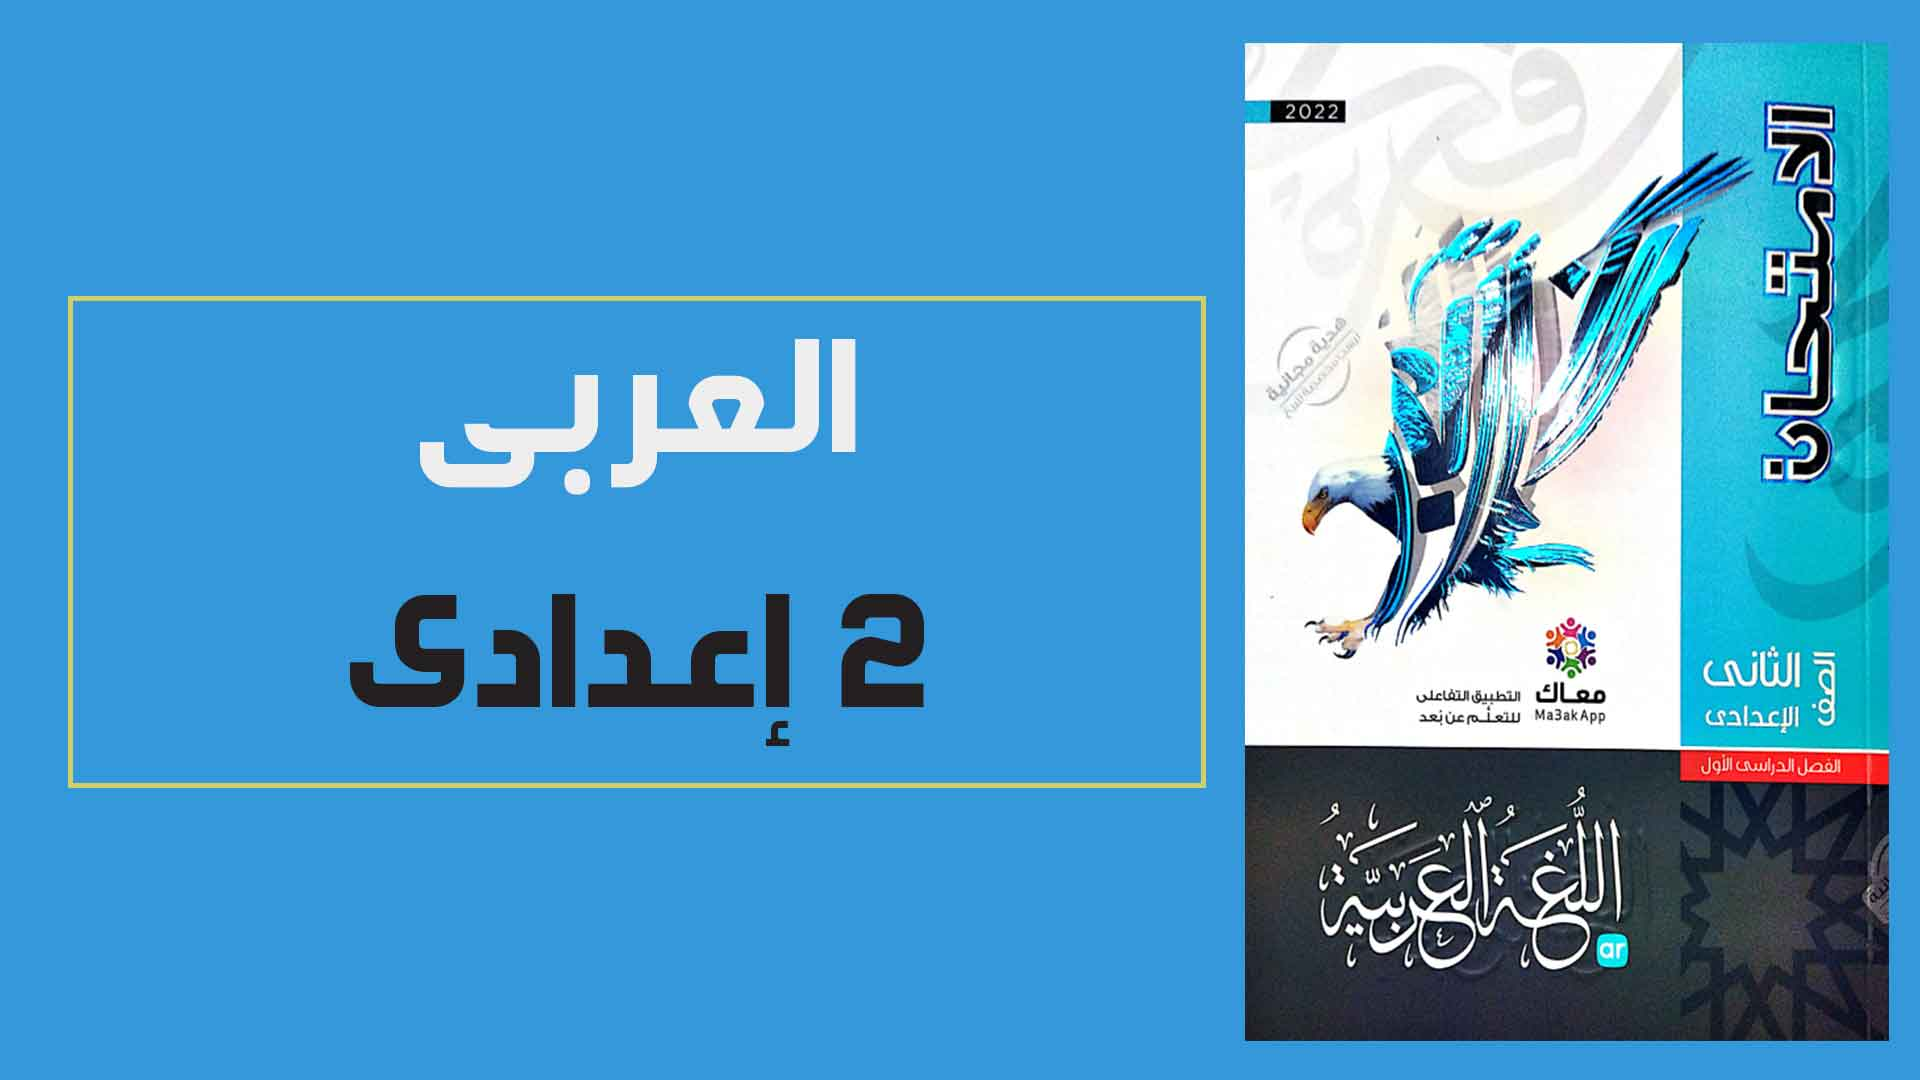 تحميل كتاب الامتحان فى اللغة العربية للصف الثانى الاعدادى الترم الاول 2022 pdf (كتاب الشرح النسخة الجديدة)